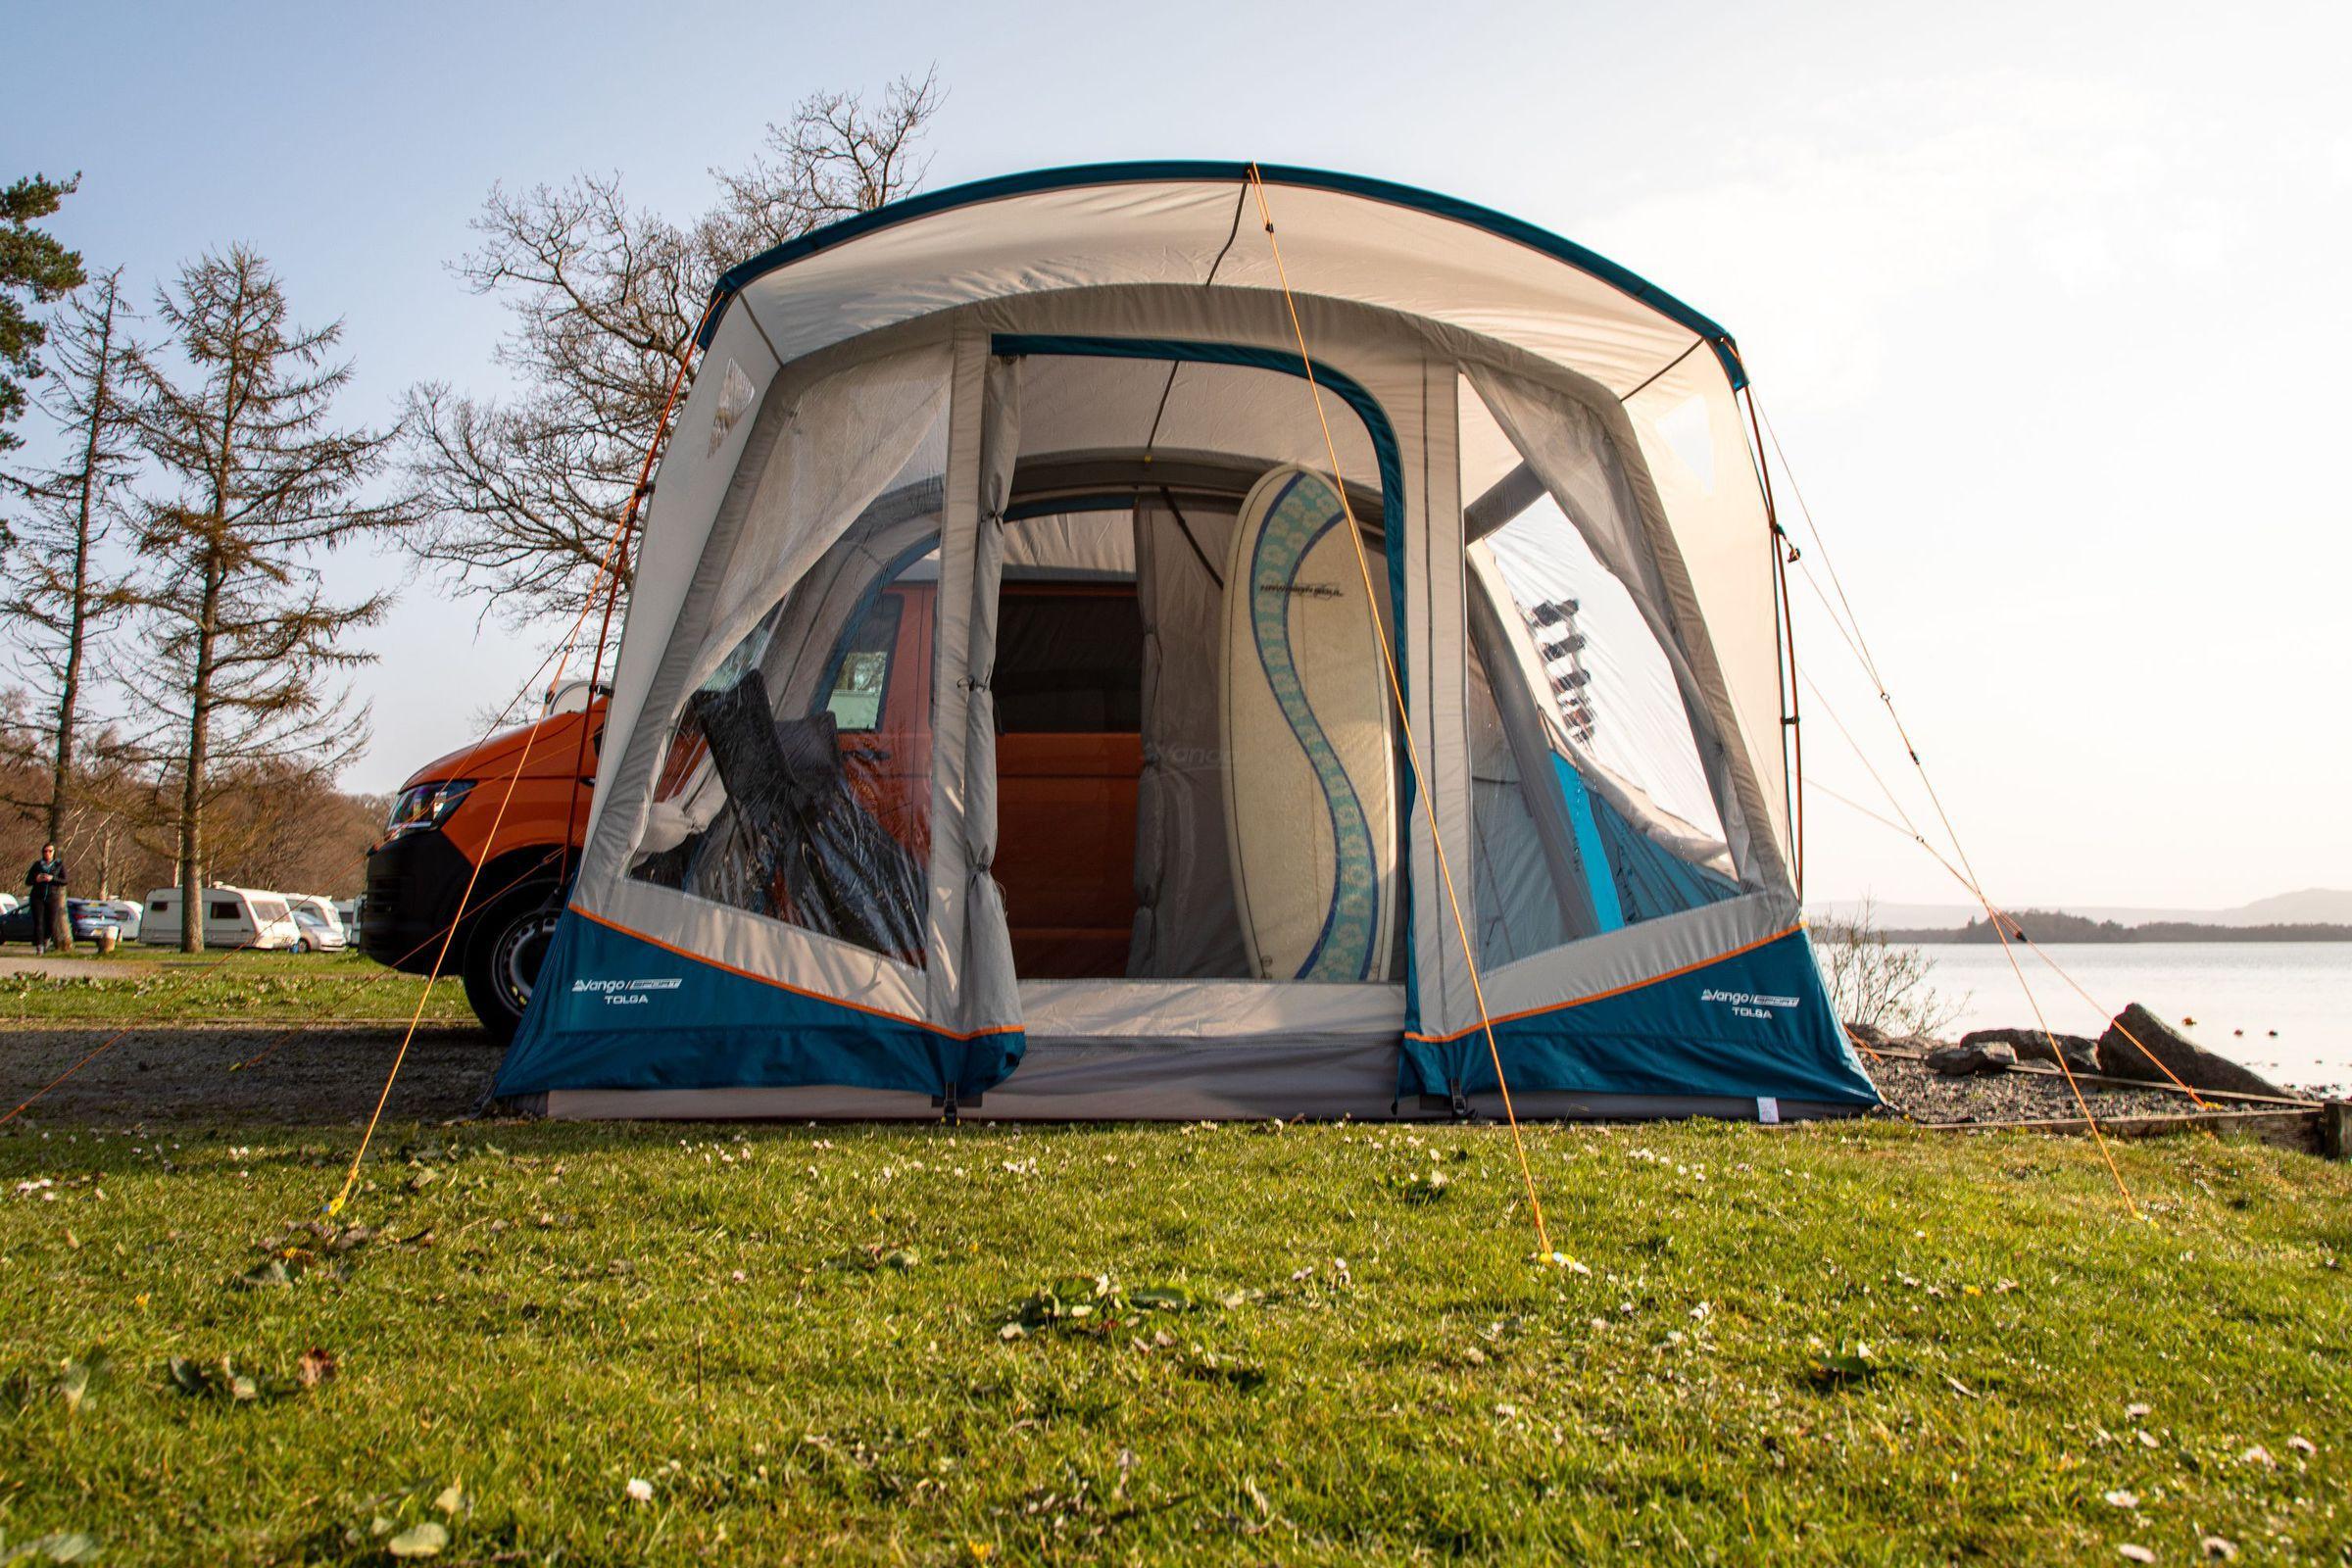 Vango Tolga Vw Low Driveaway Awning Norwich Camping6